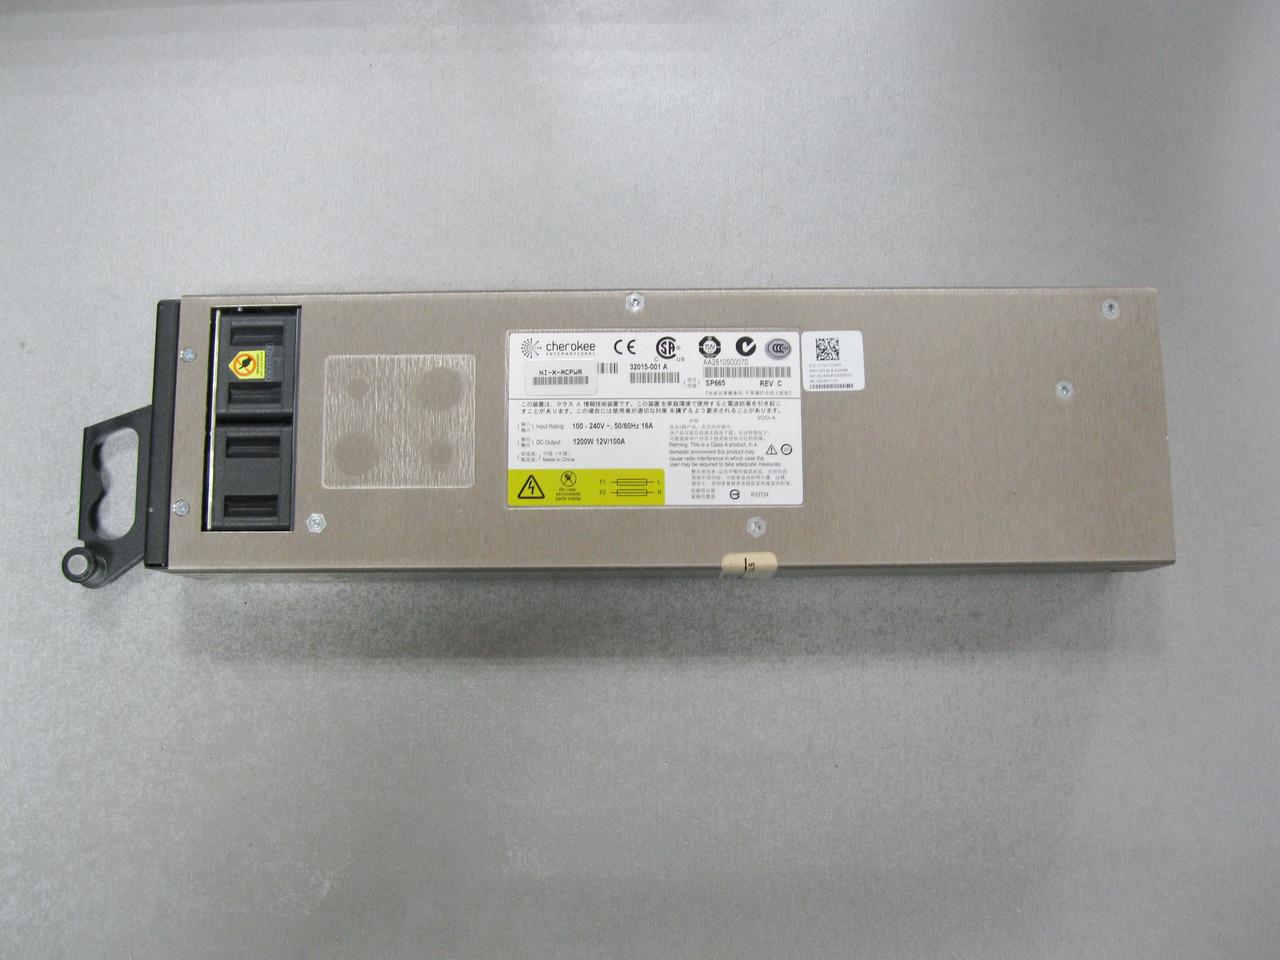 Серверный блок питания Brocade Foundry NIBI-32-ACPWR-A Cherokee SP708 Power Supply 2400W/из США!!!ГАРАНТИЯ!!!